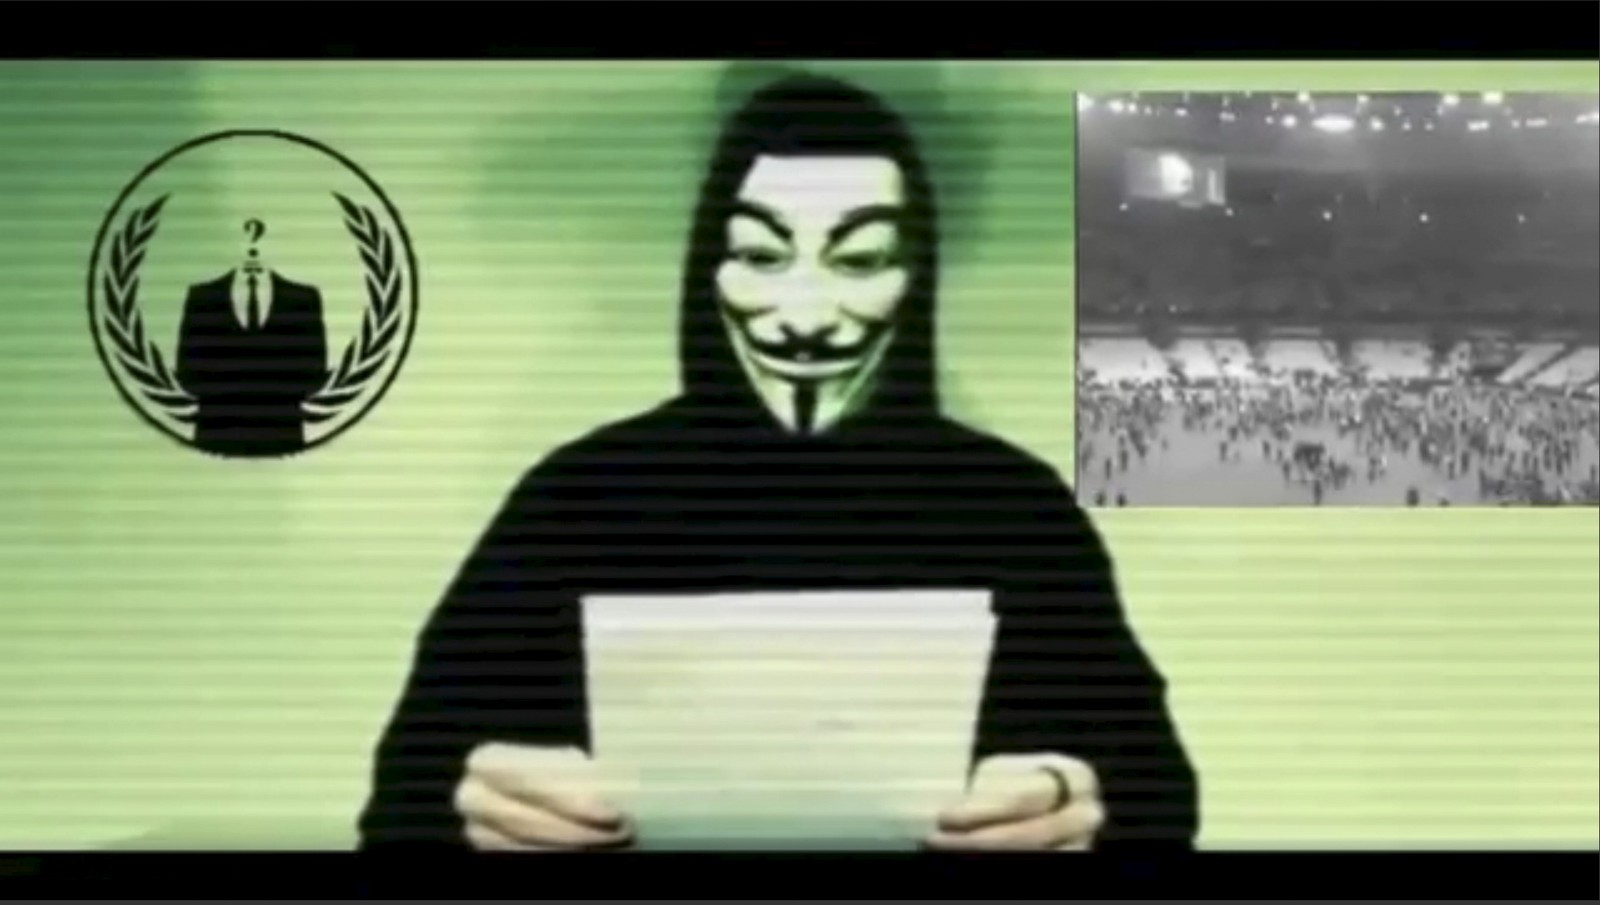 Den internasjonale hackegruppen Anonymous erklærte krig mot IS etter deres terrorangrep i Paris.